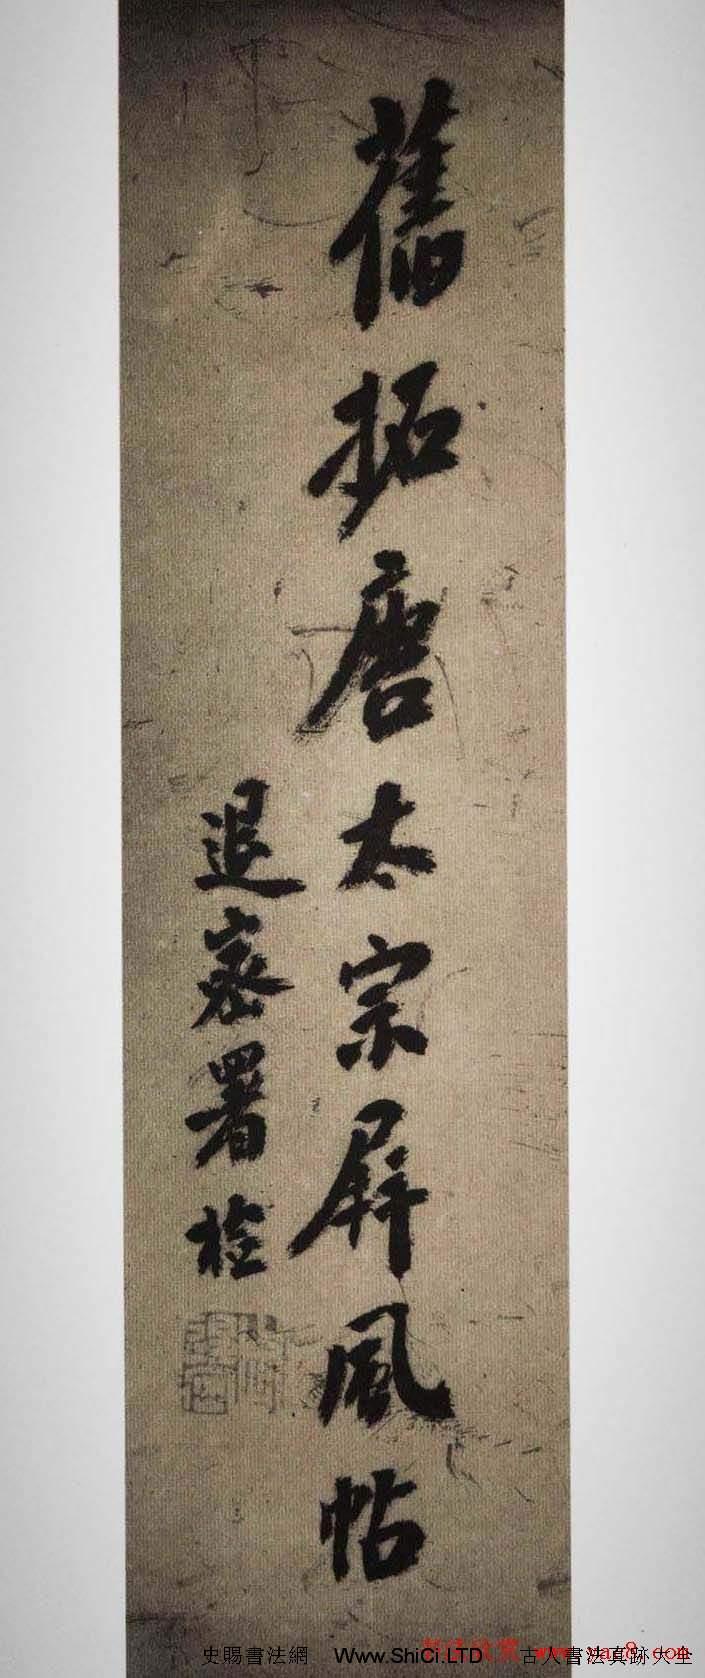 唐太宗李世民草書真跡欣賞《屏風帖》拓本(共24張圖片)